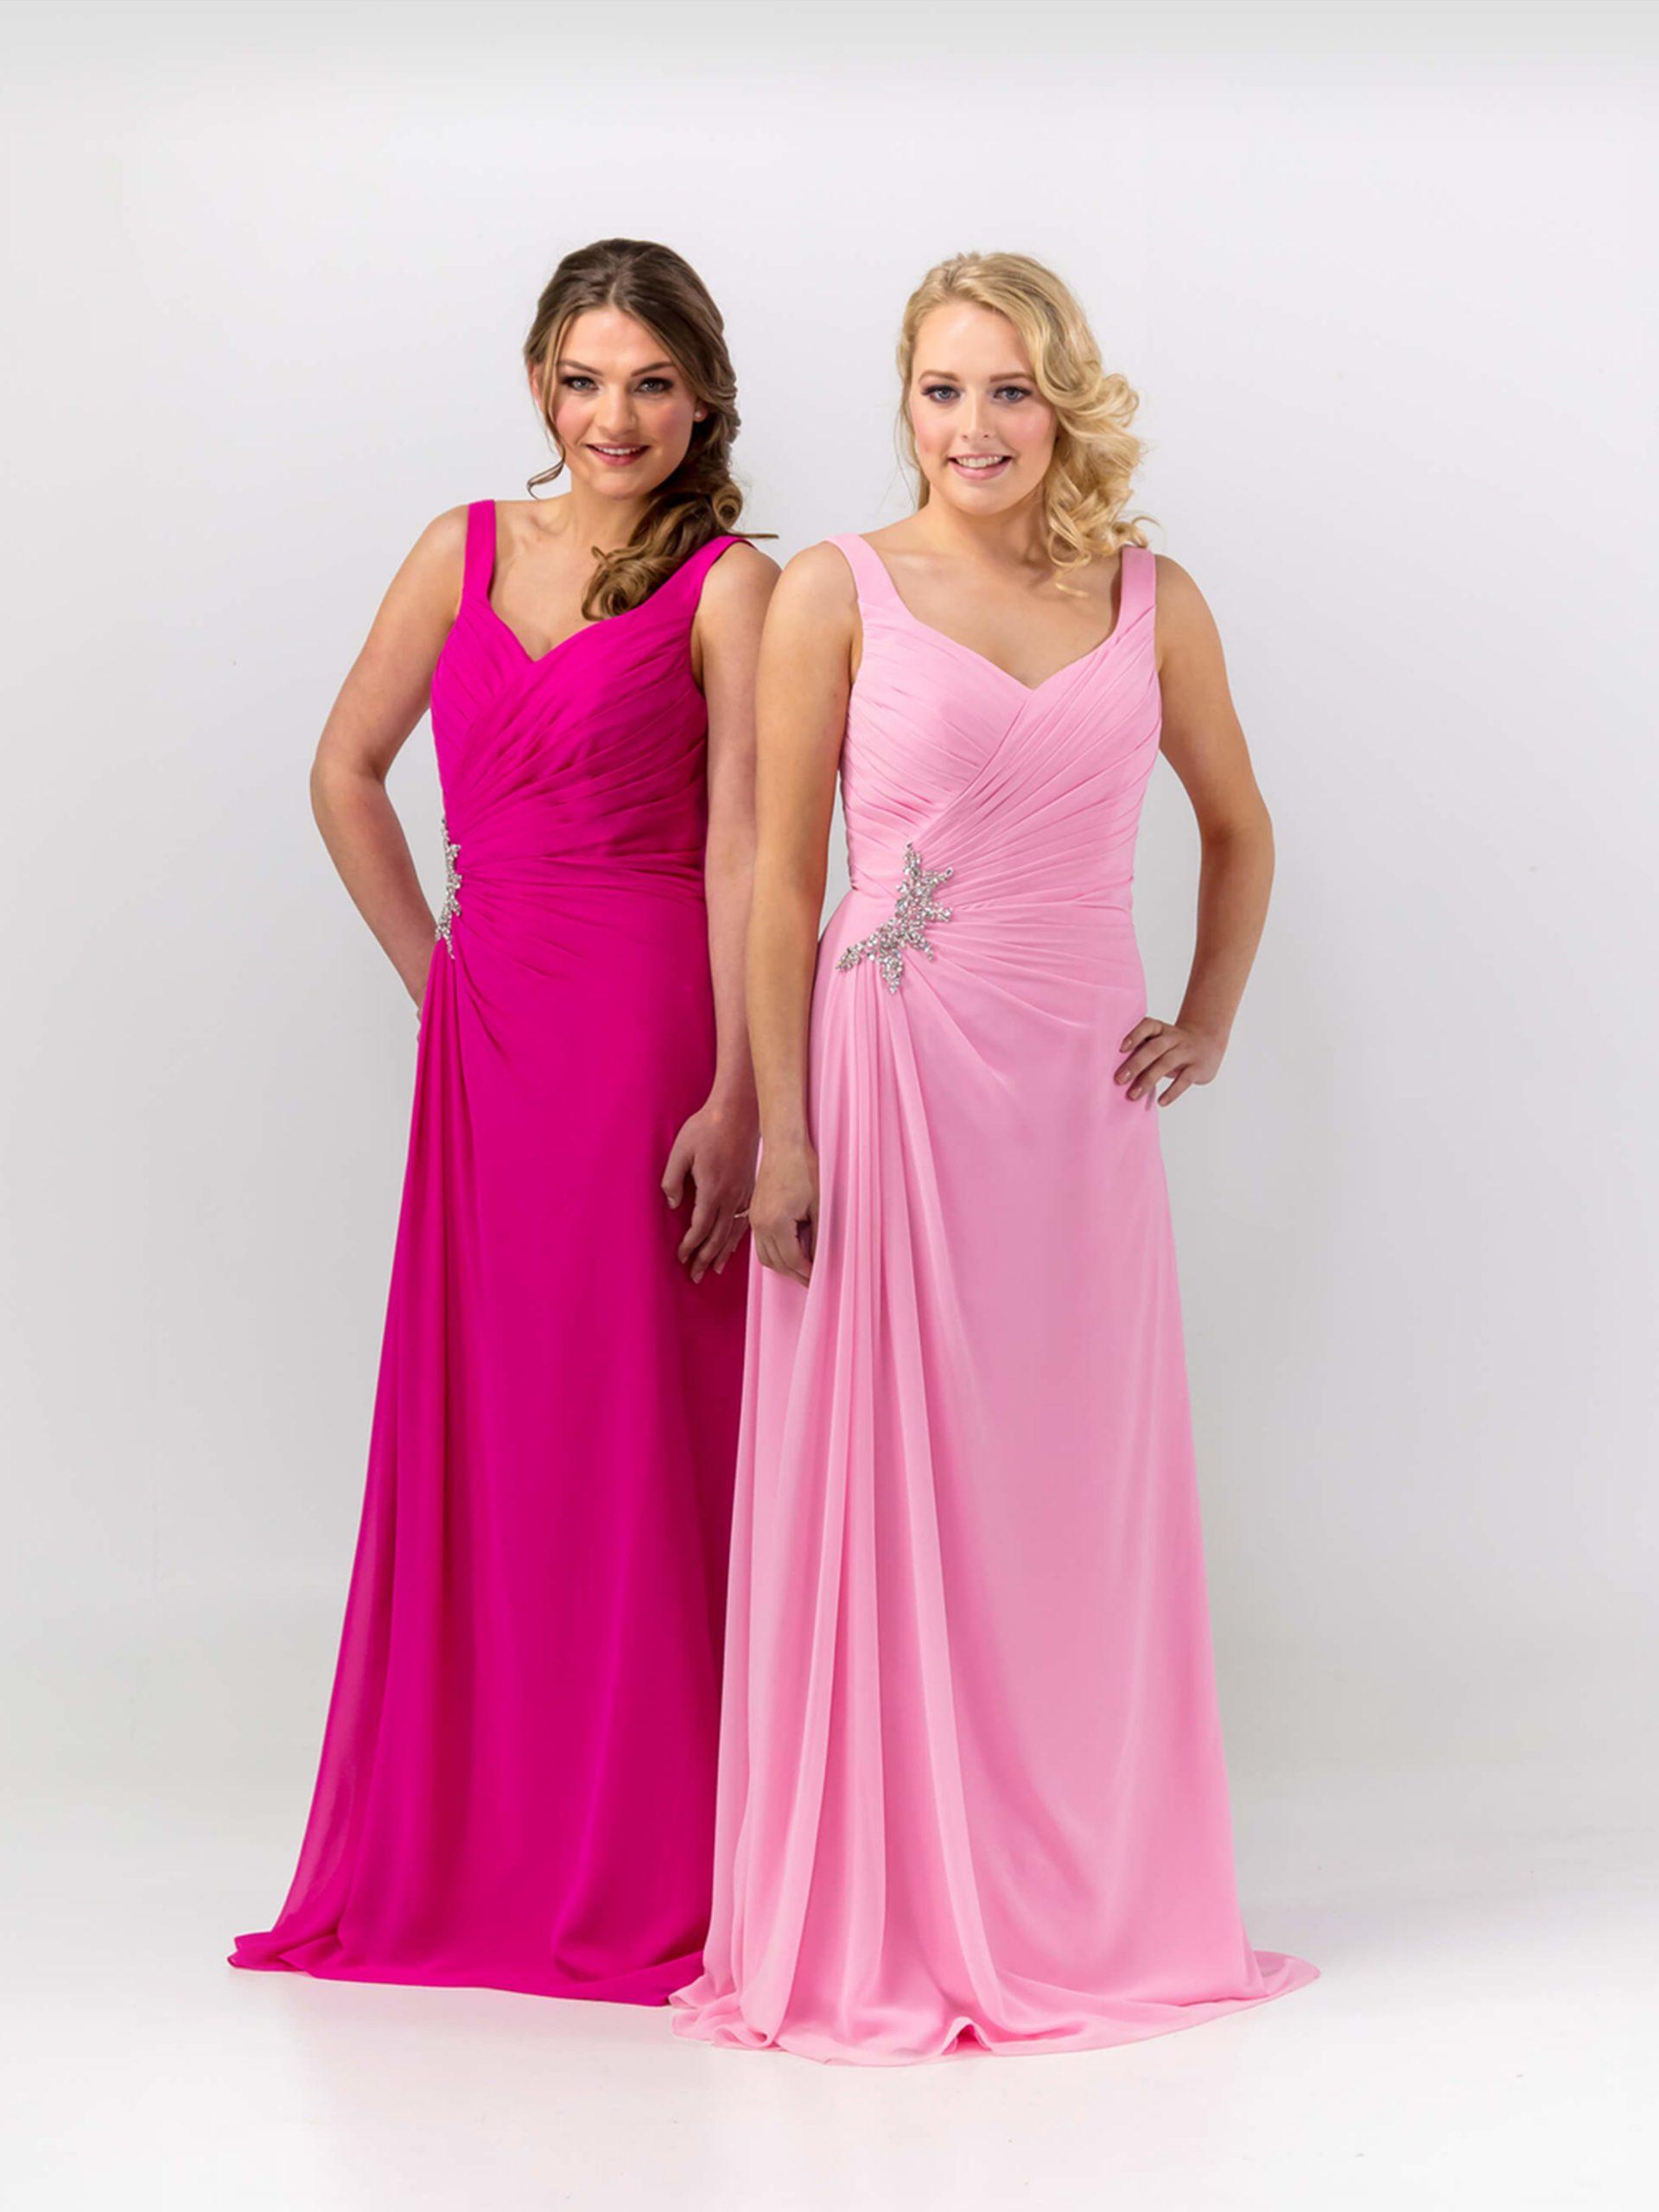 MAB05 Pink chiffon bridesmaid dresses 1